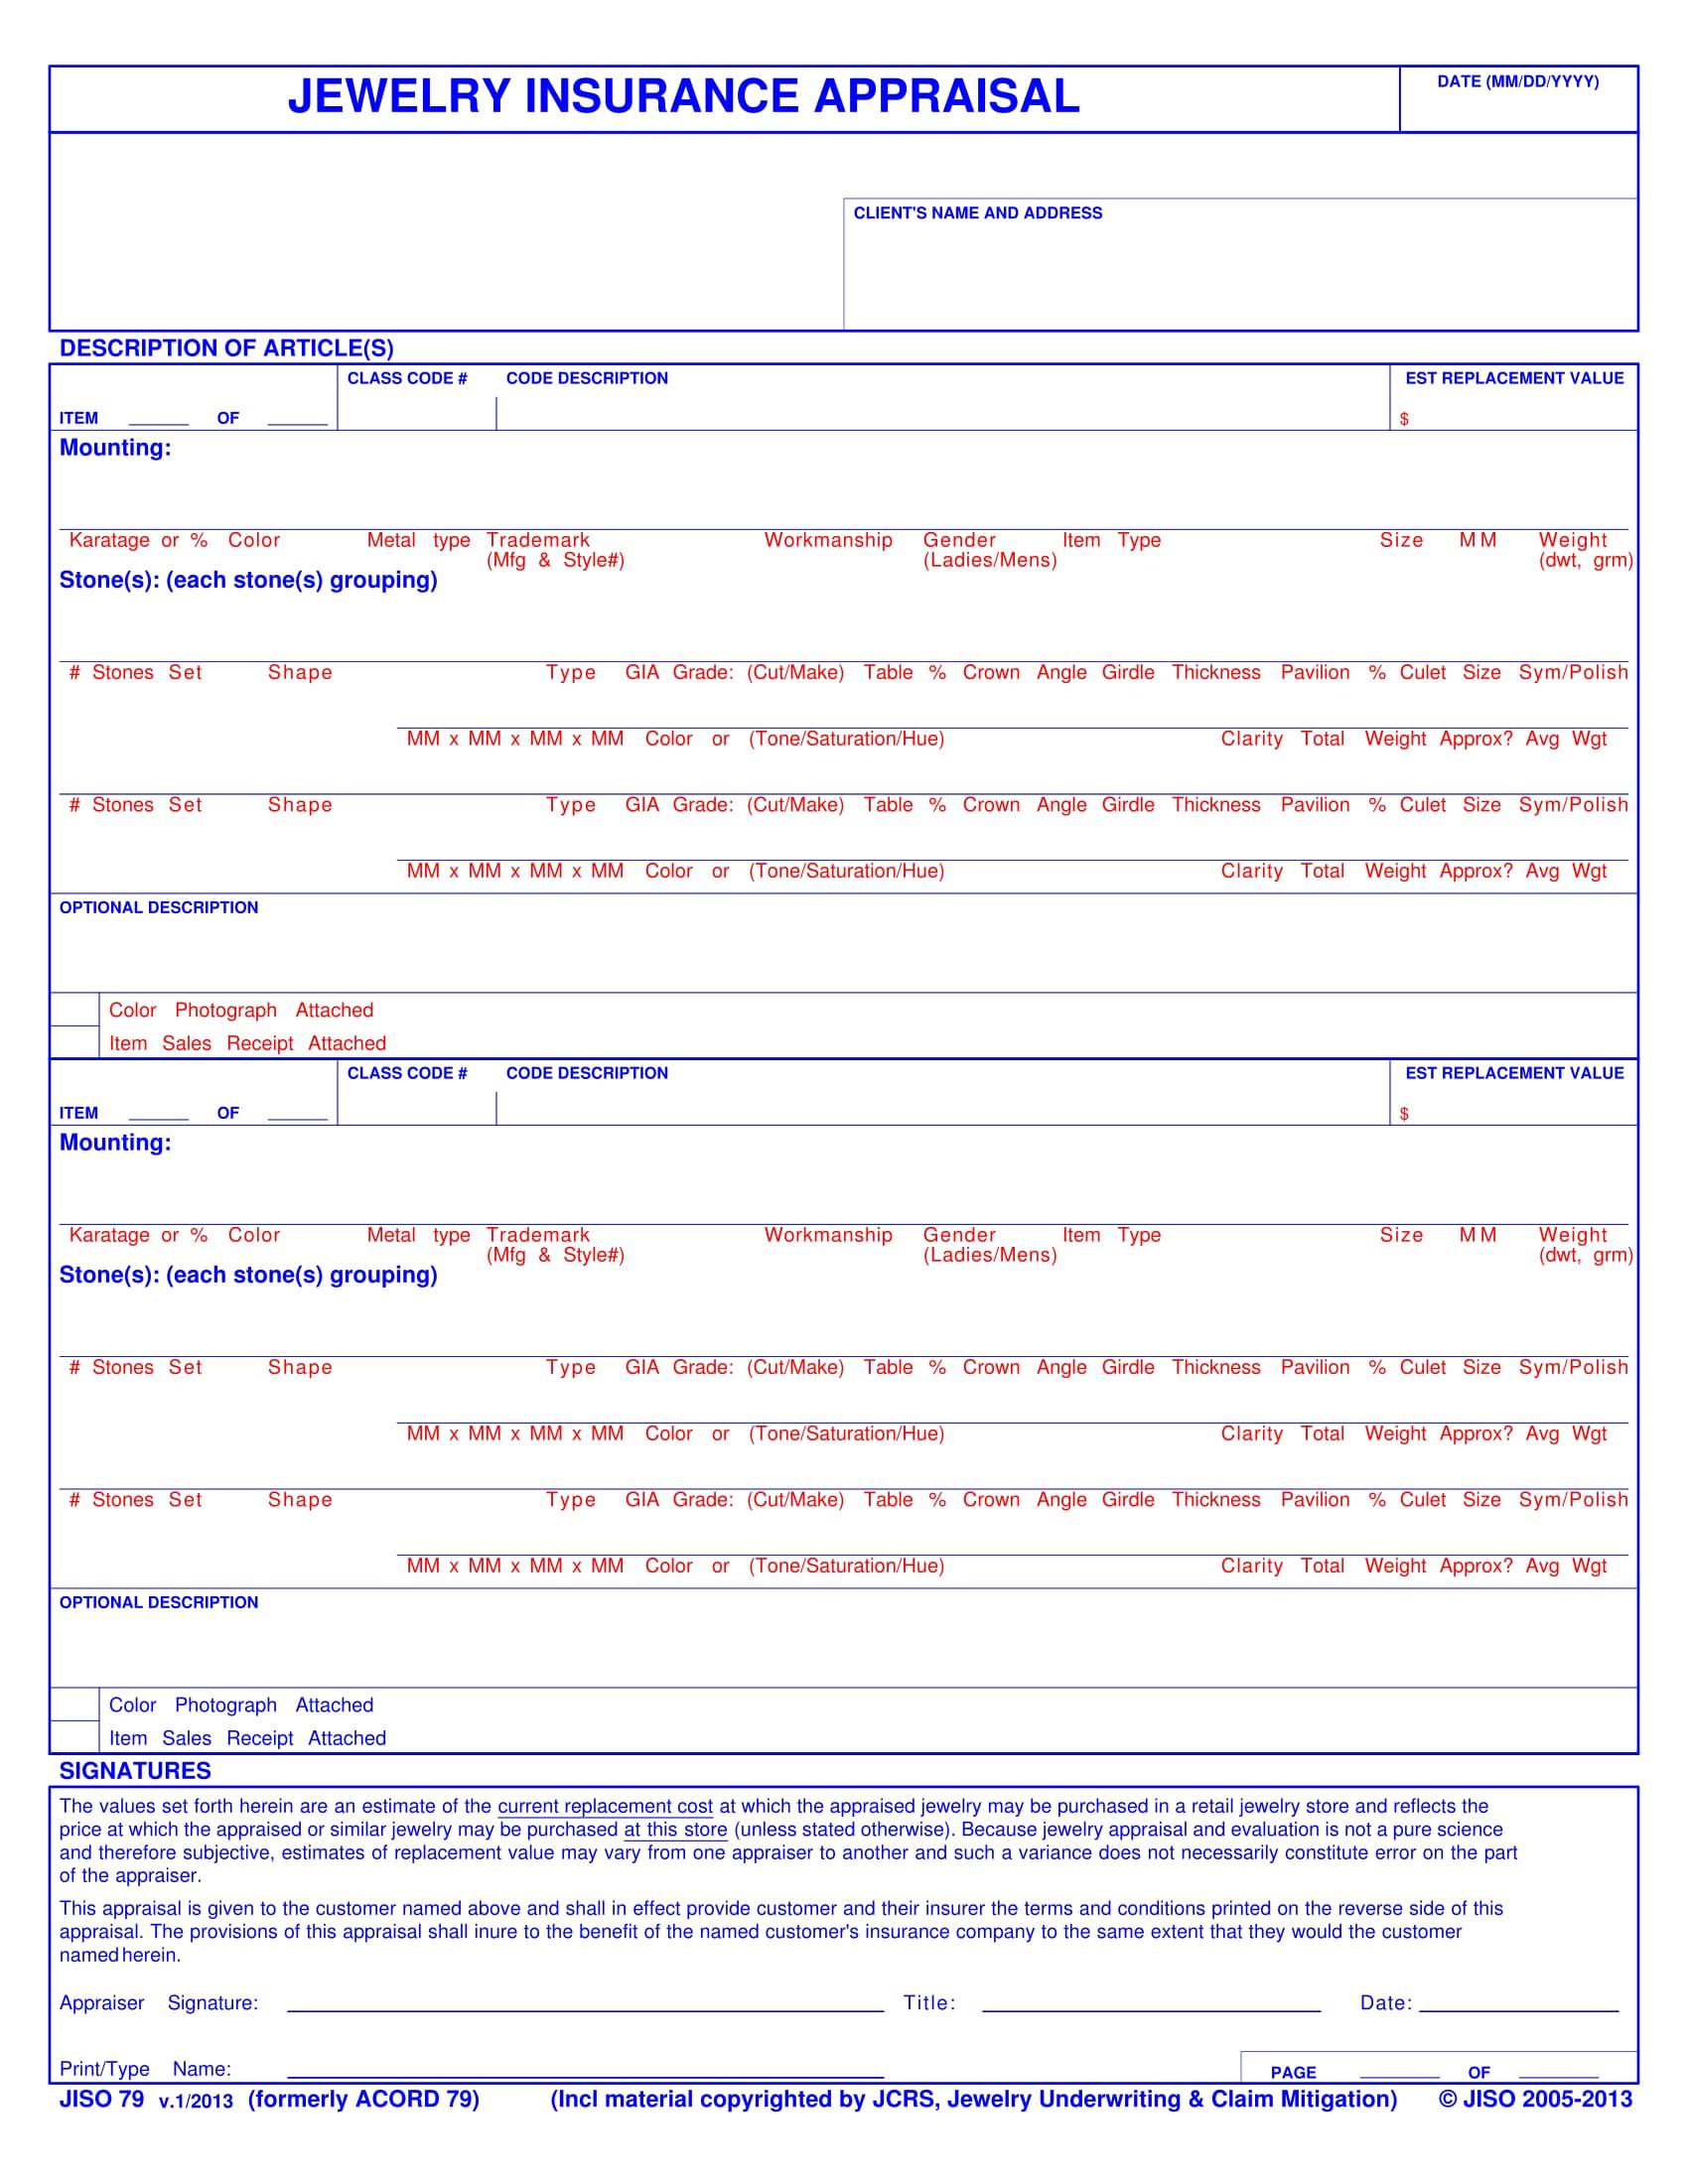 jewelry appraisal form 1